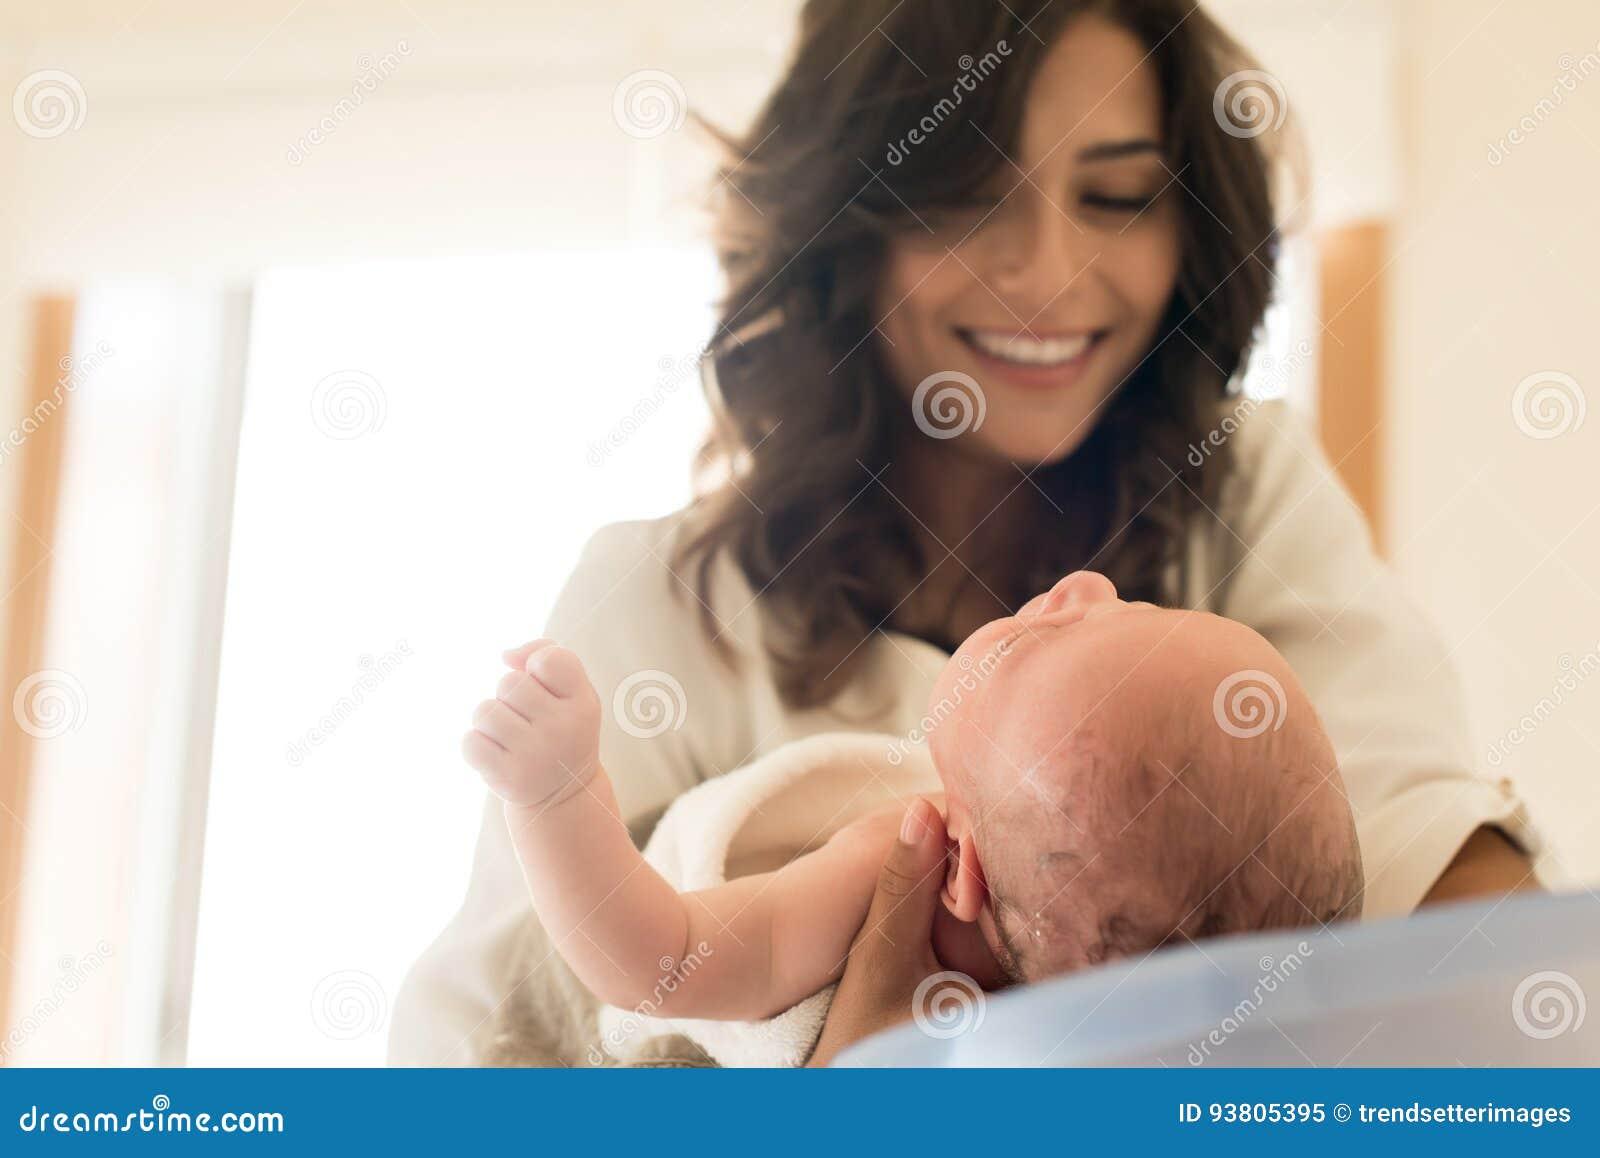 Vaschetta Per Bagno Bambino : Bambino di lavaggio della madre in vasca da bagno immagine stock